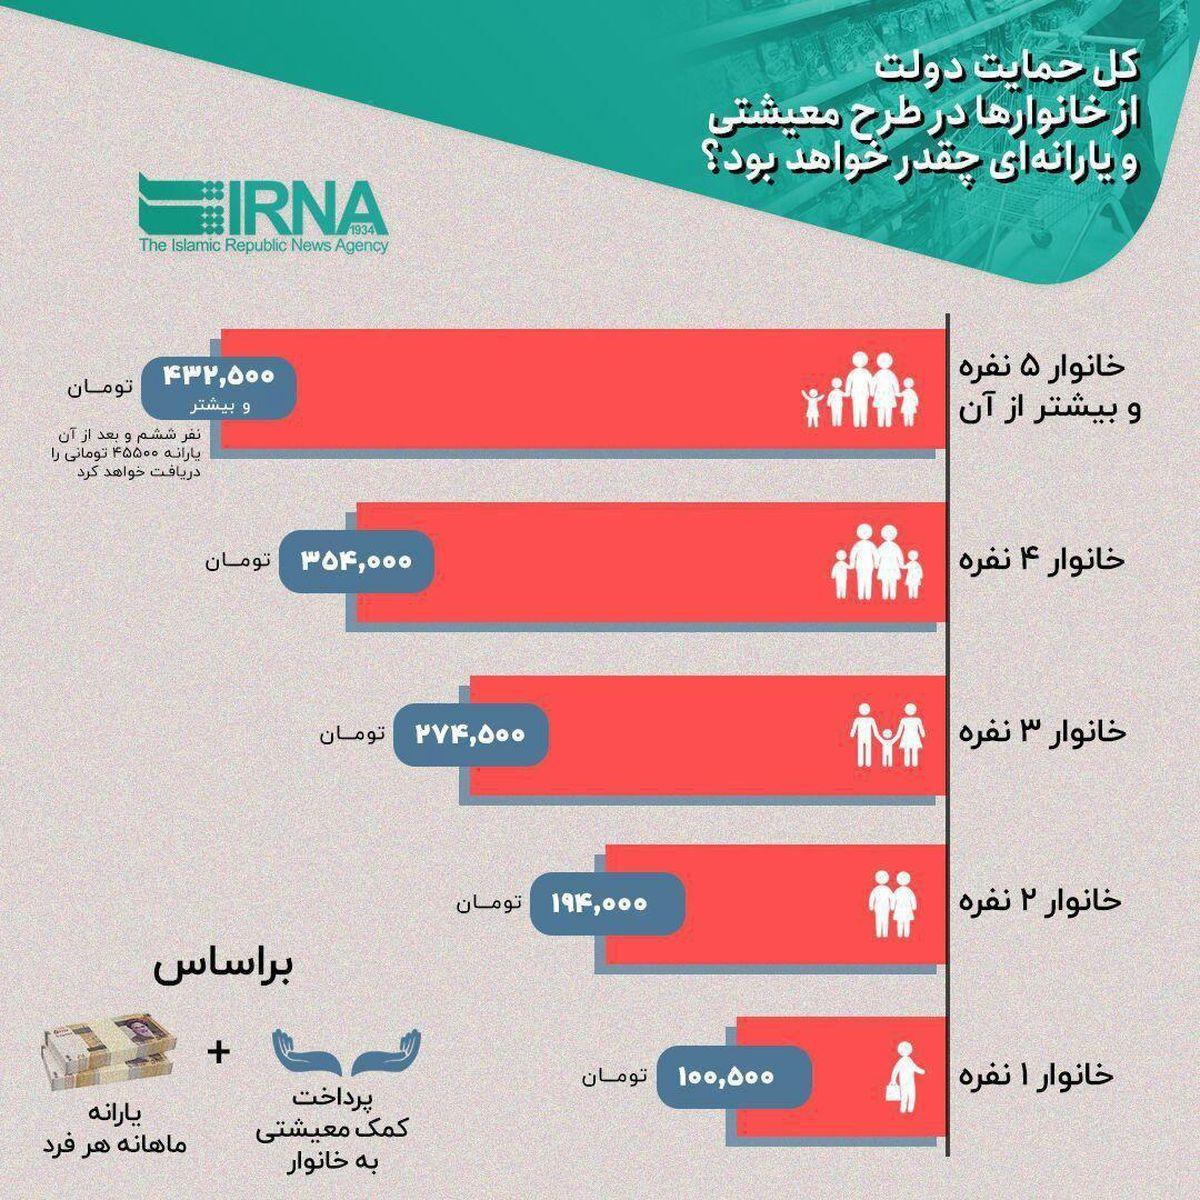 کل حمایت دولت از خانوارها در طرح معیشتی چقدر است؟